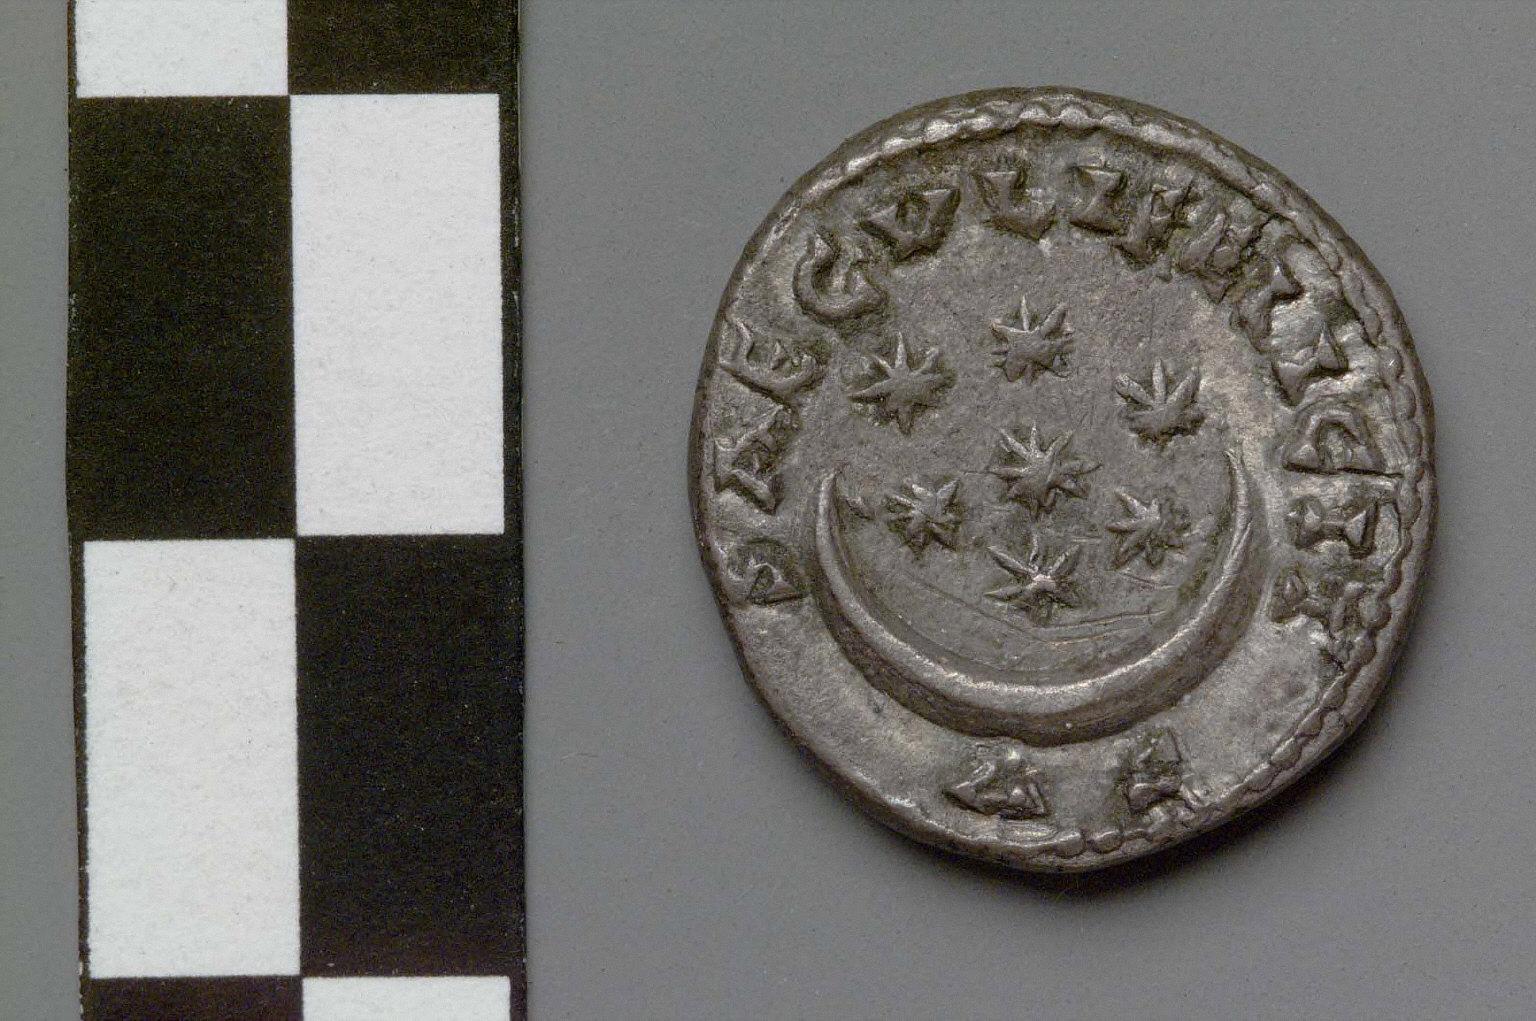 Denarius with head of Pescennius Niger